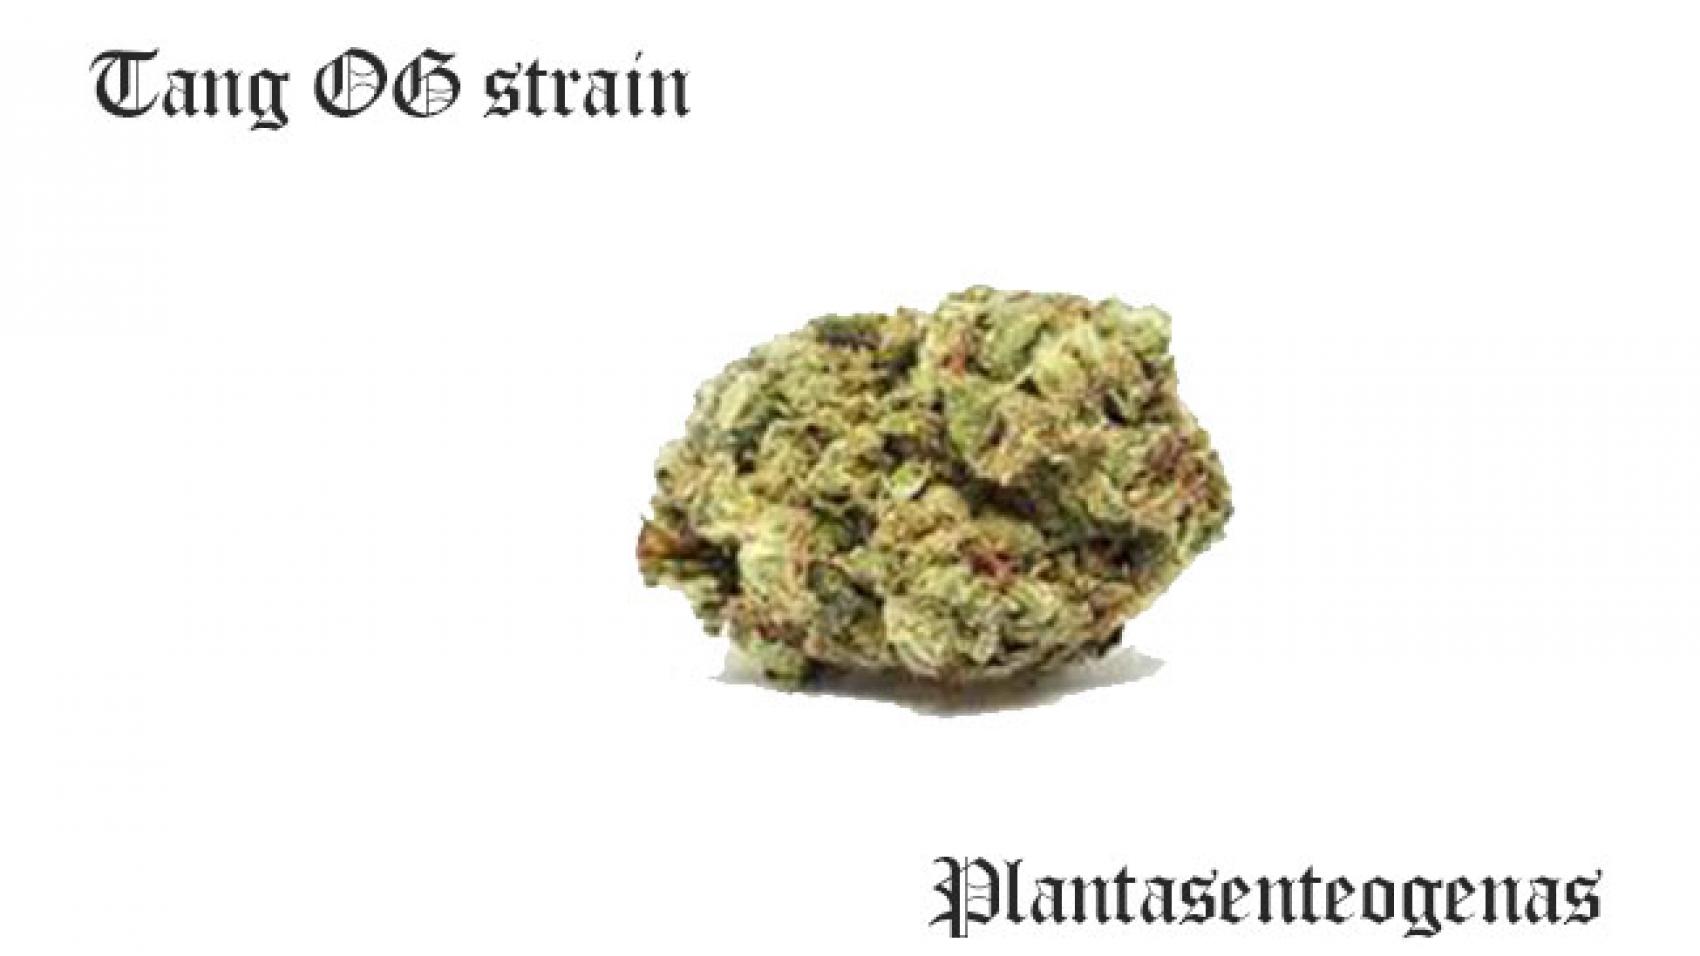 Tang OG strain